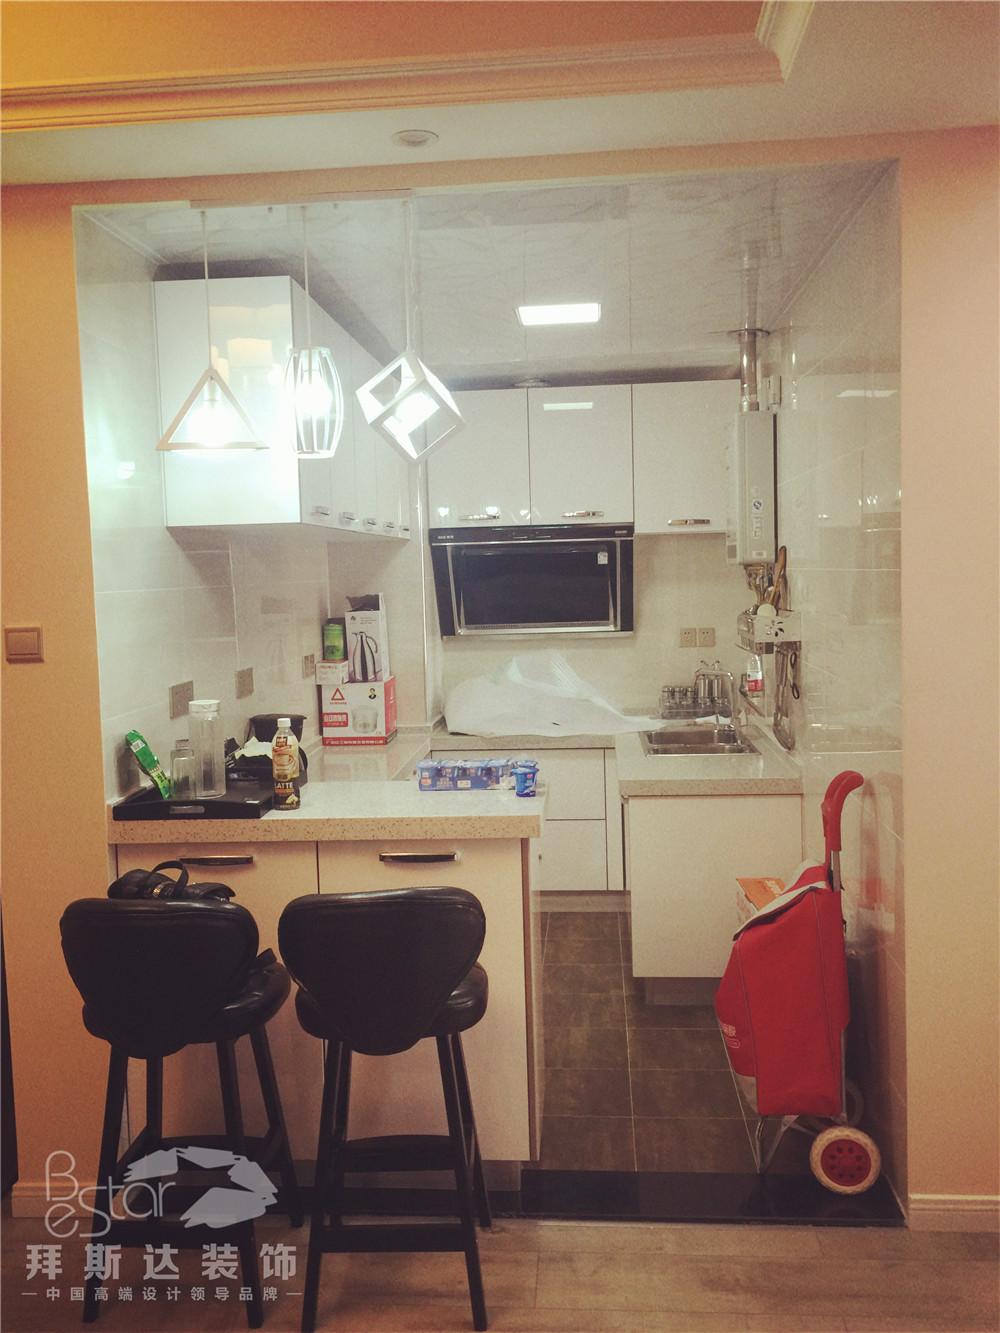 简约 完工实景 拜斯达装饰 武汉 室内设计 厨房图片来自武汉拜斯达装饰 吴慧在【拜斯达装饰】中大十里新城89平的分享